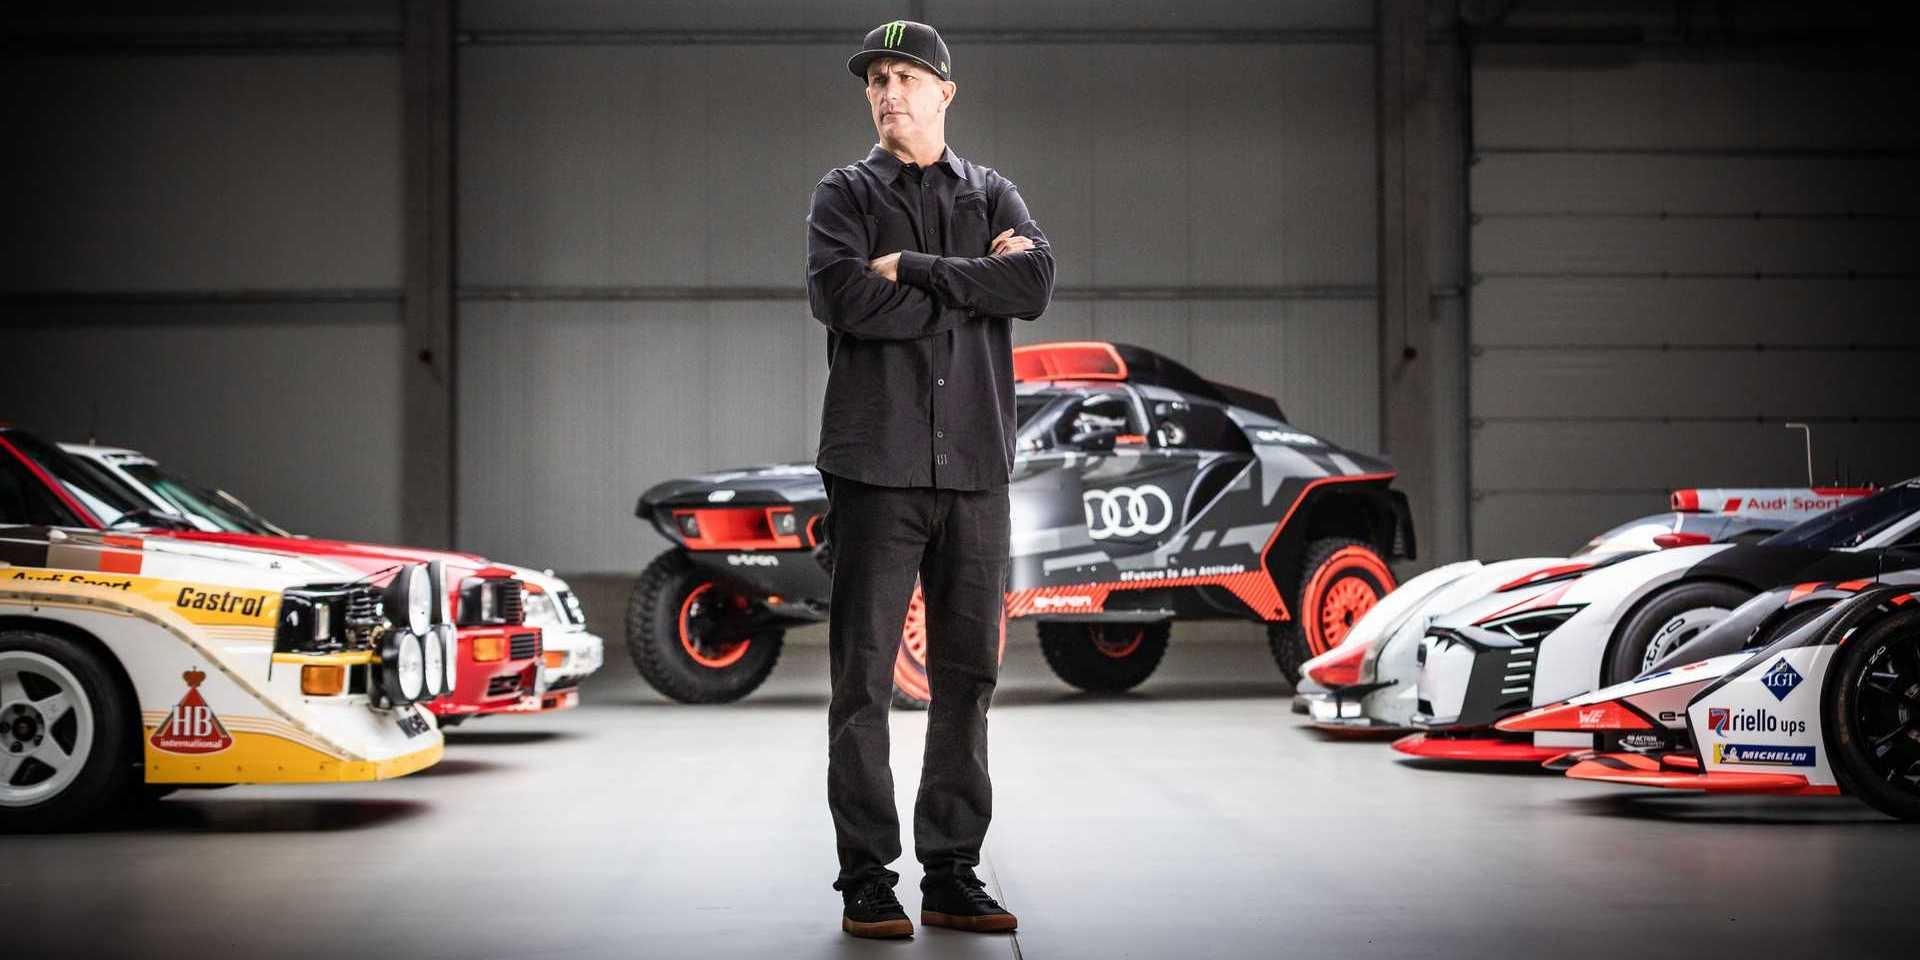 飄移神人Ken Block也擁抱電動車!與Audi一同開創電動未來!